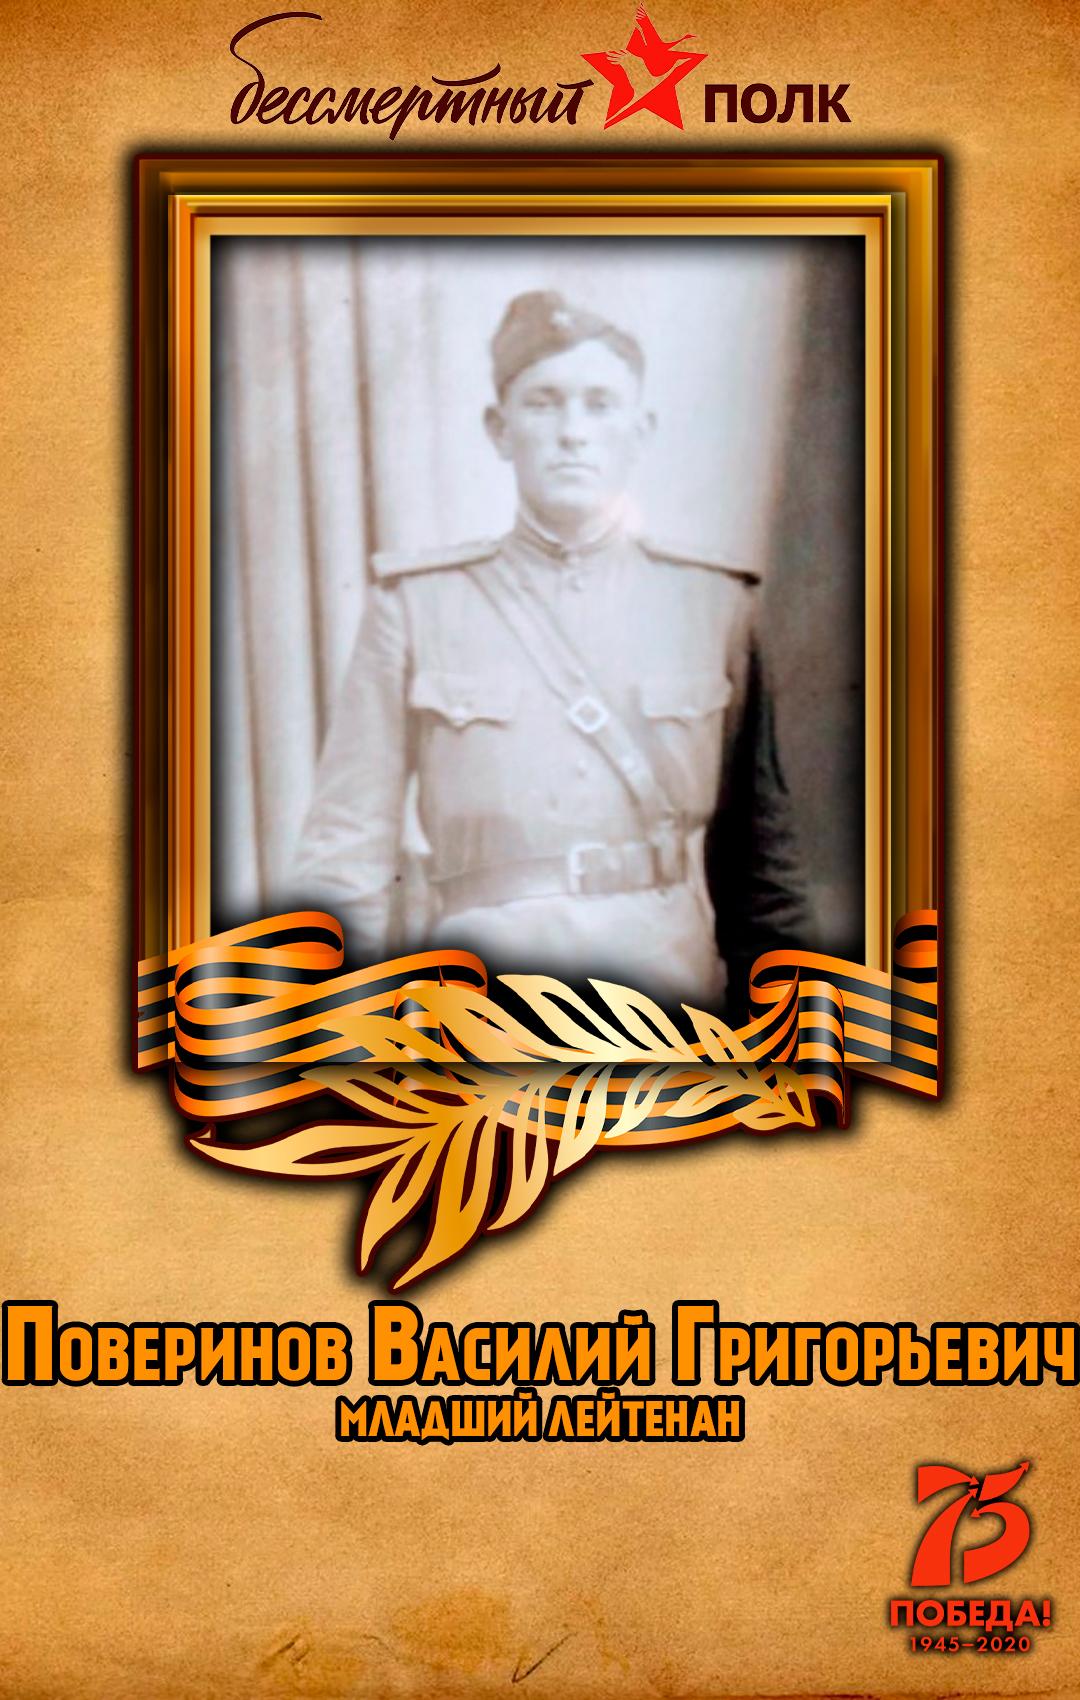 Поверинов-Василий-Григорьевич